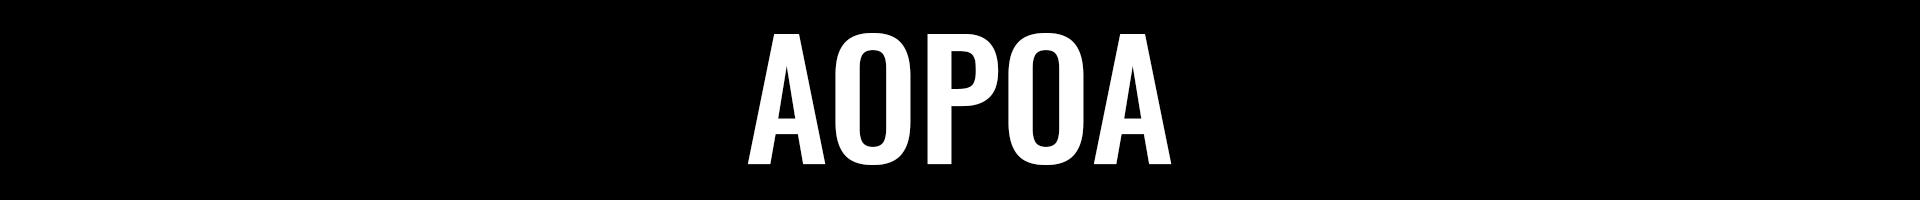 Aopoa Banner